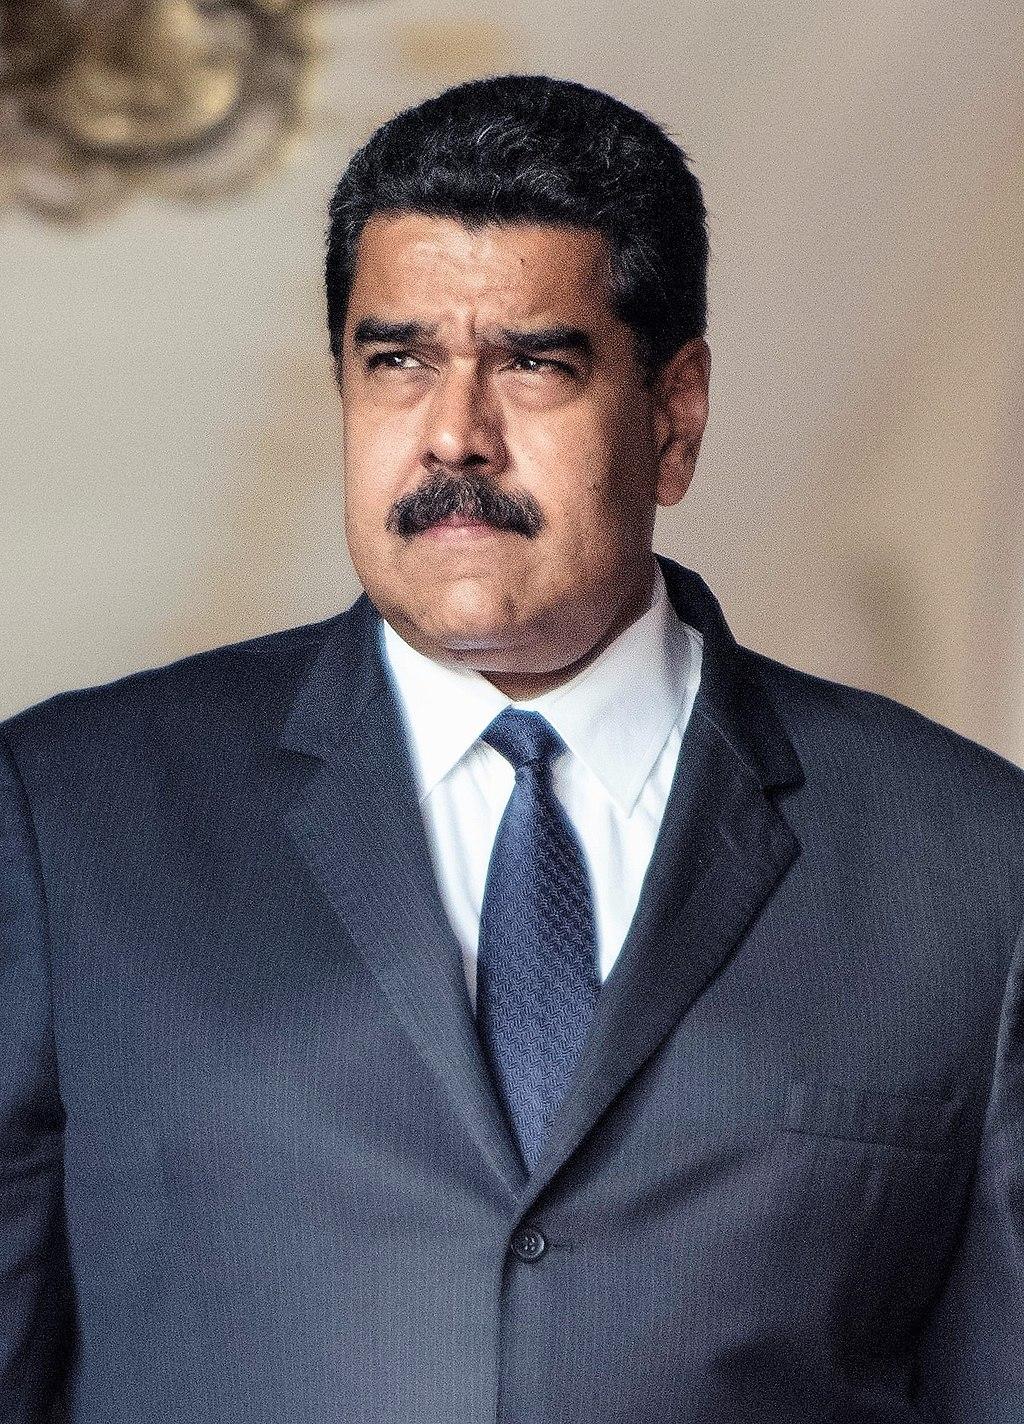 Quitar a AMLO en 2022, ¿es deseable Revocación de mandato en otros países PORTADA 4